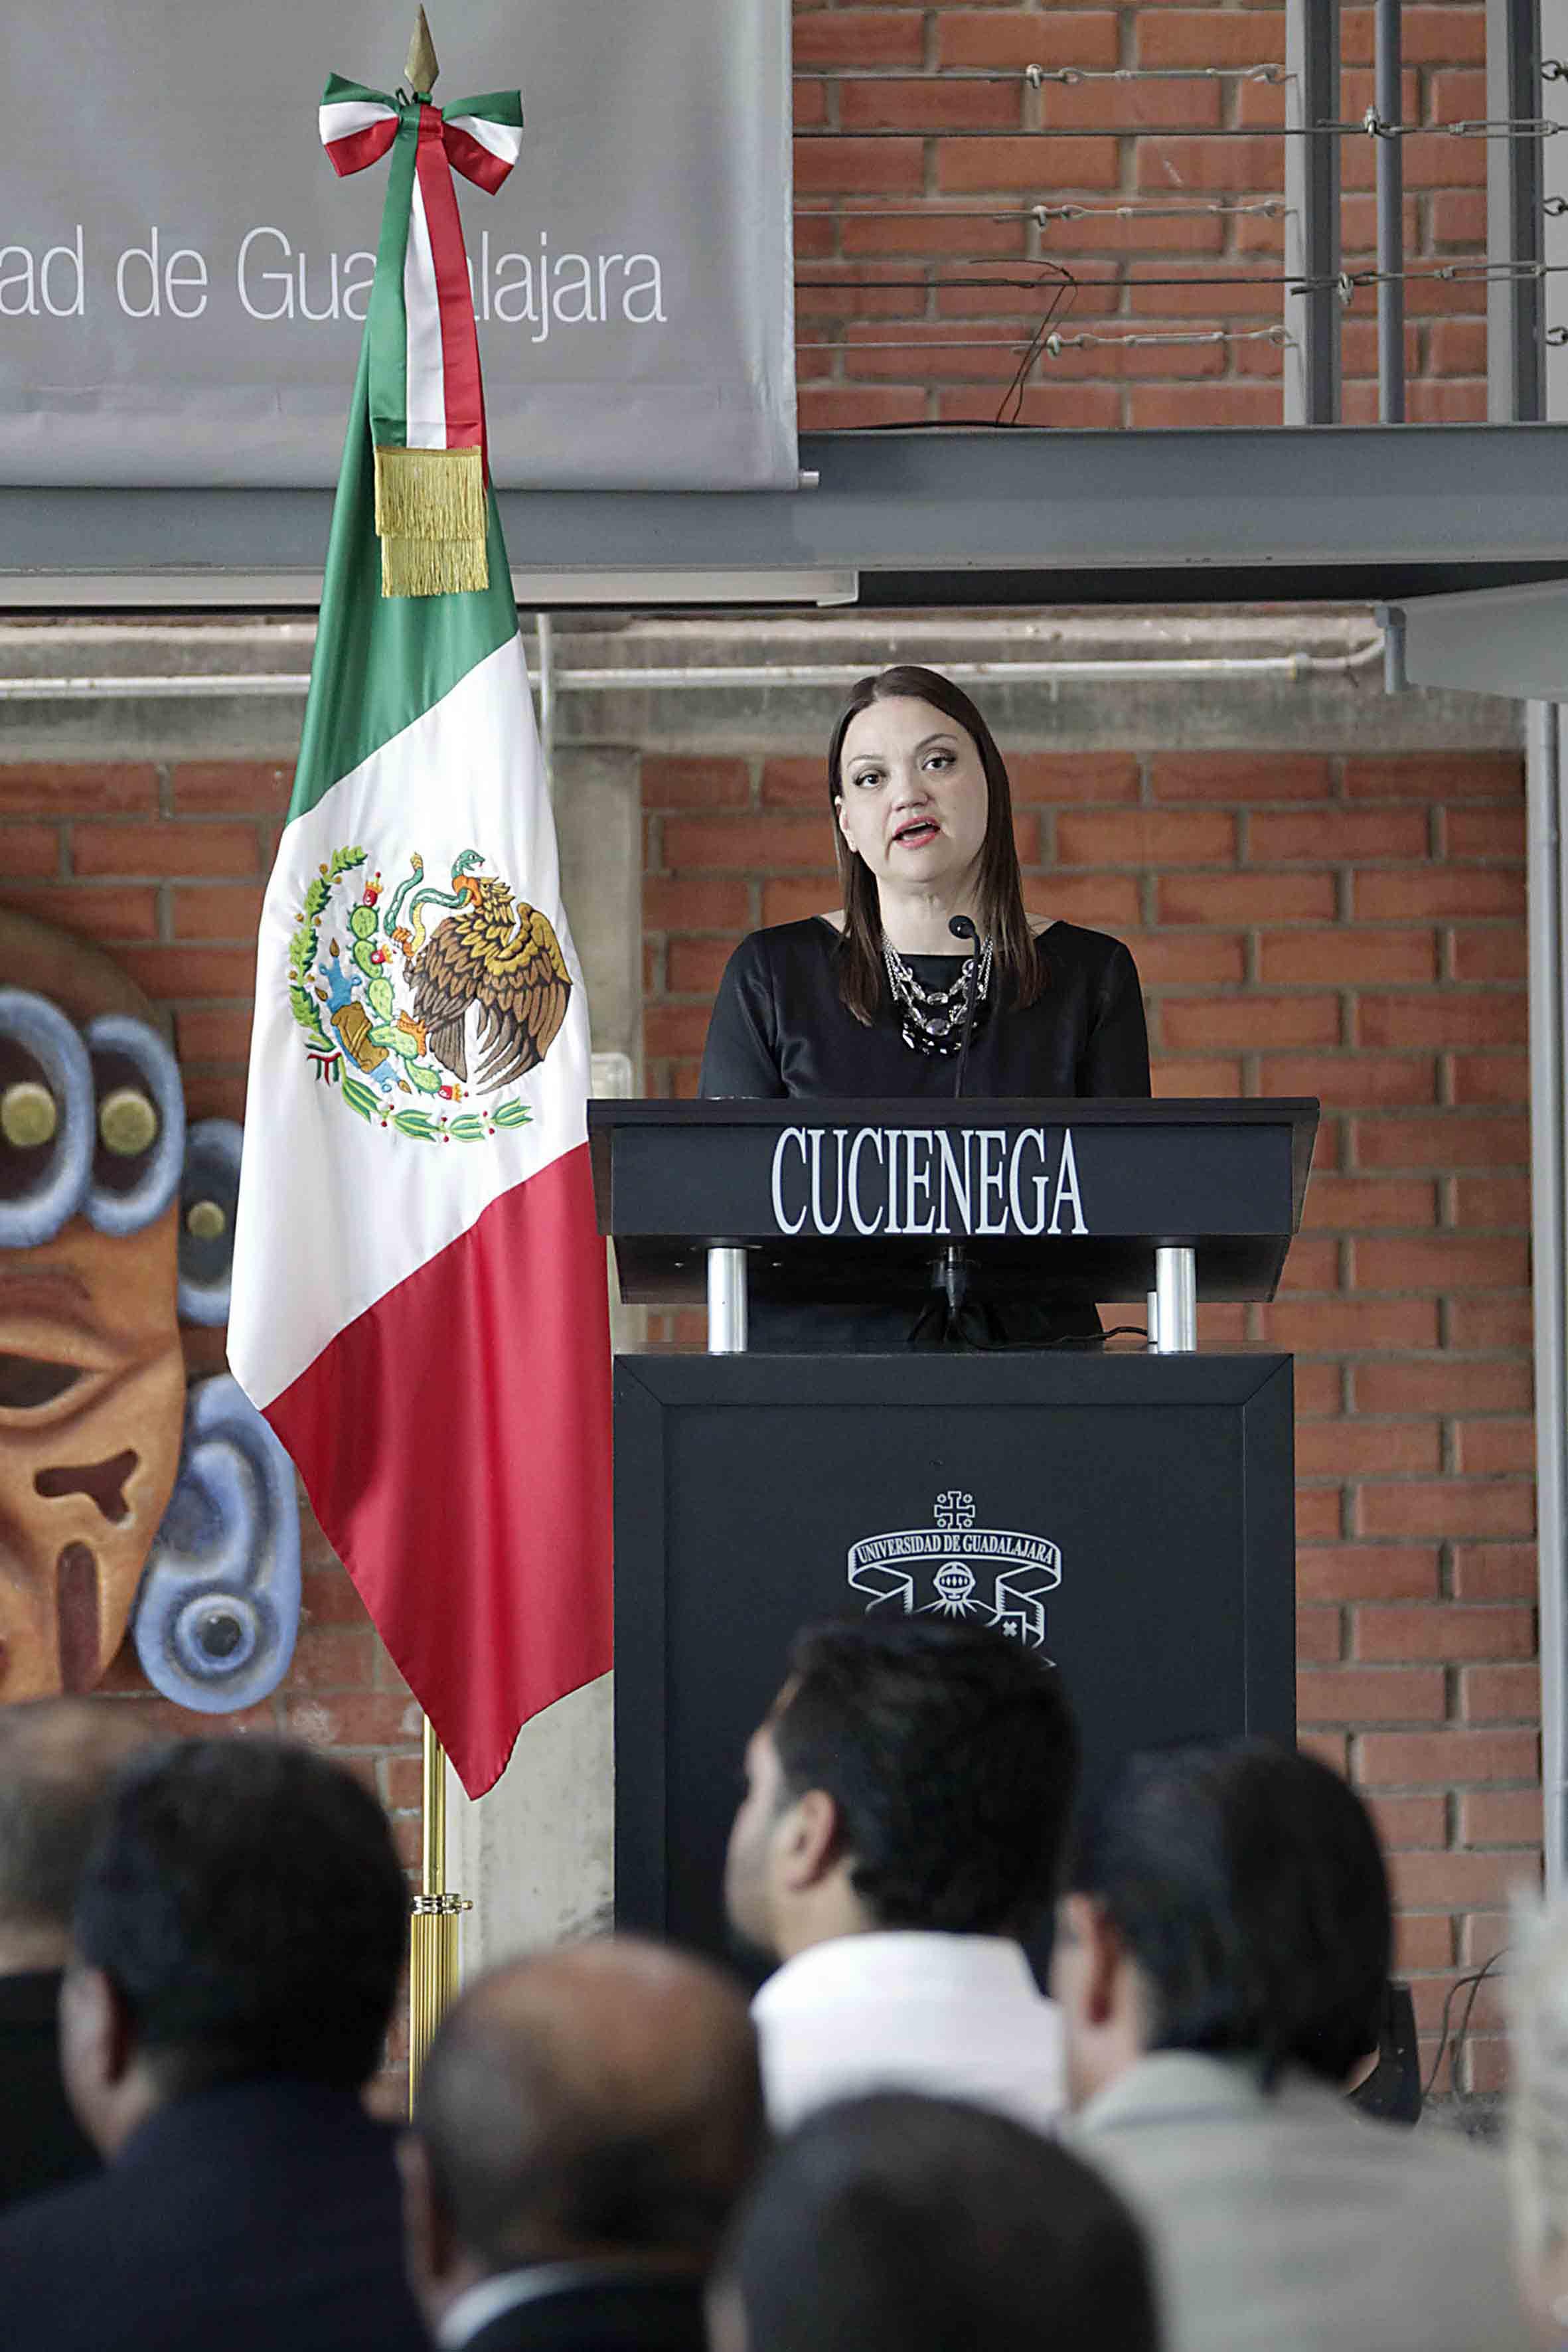 Toma del podium de la Rectora del CUCiénega, durante su segundo informe de actividades 2014-2015, ante asistentes al mismo.